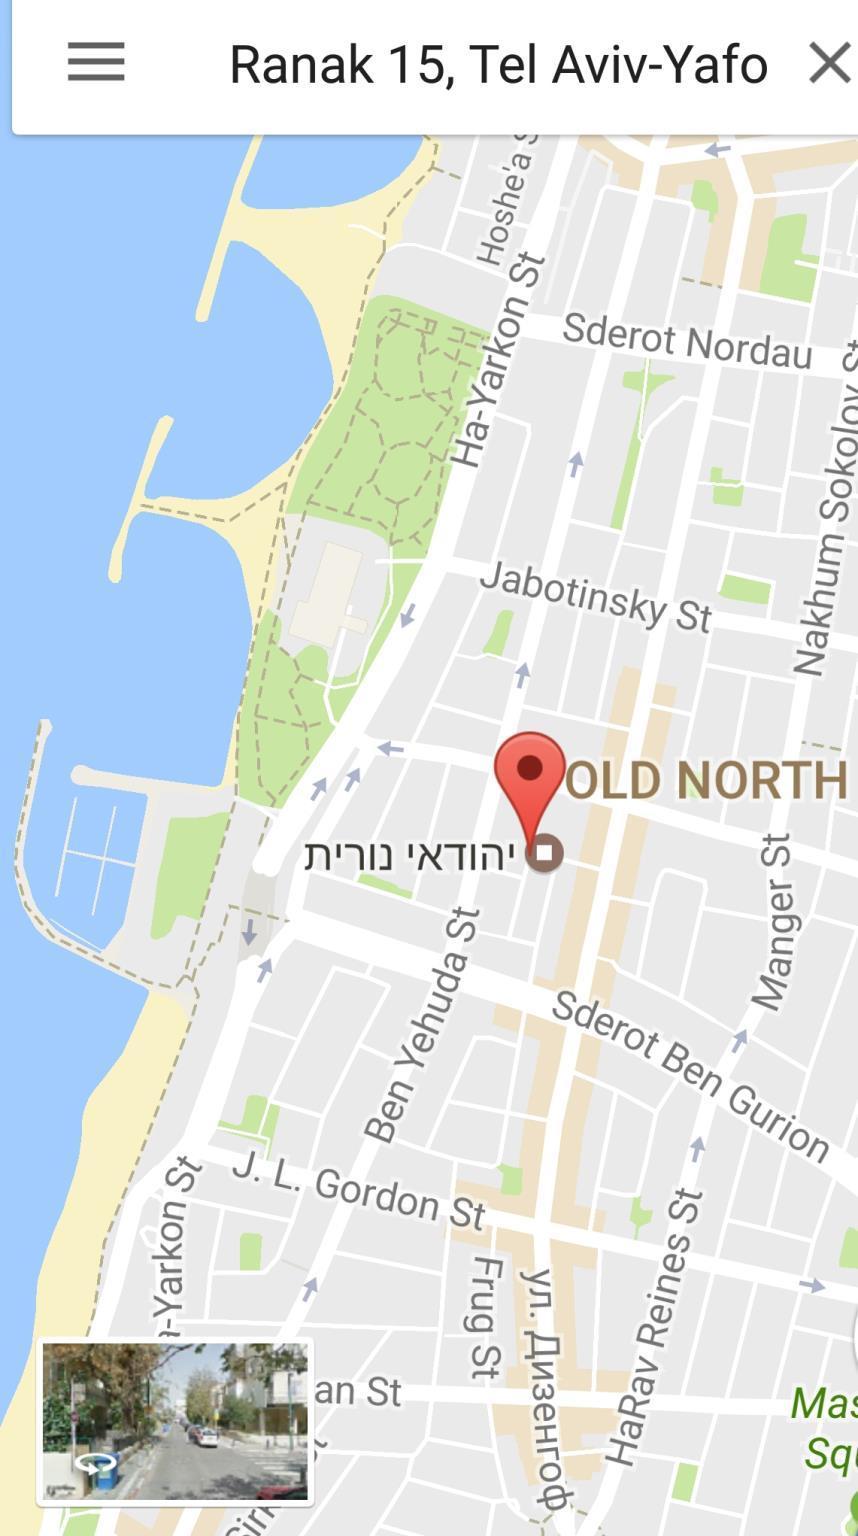 Ranak 15 Tel Aviv